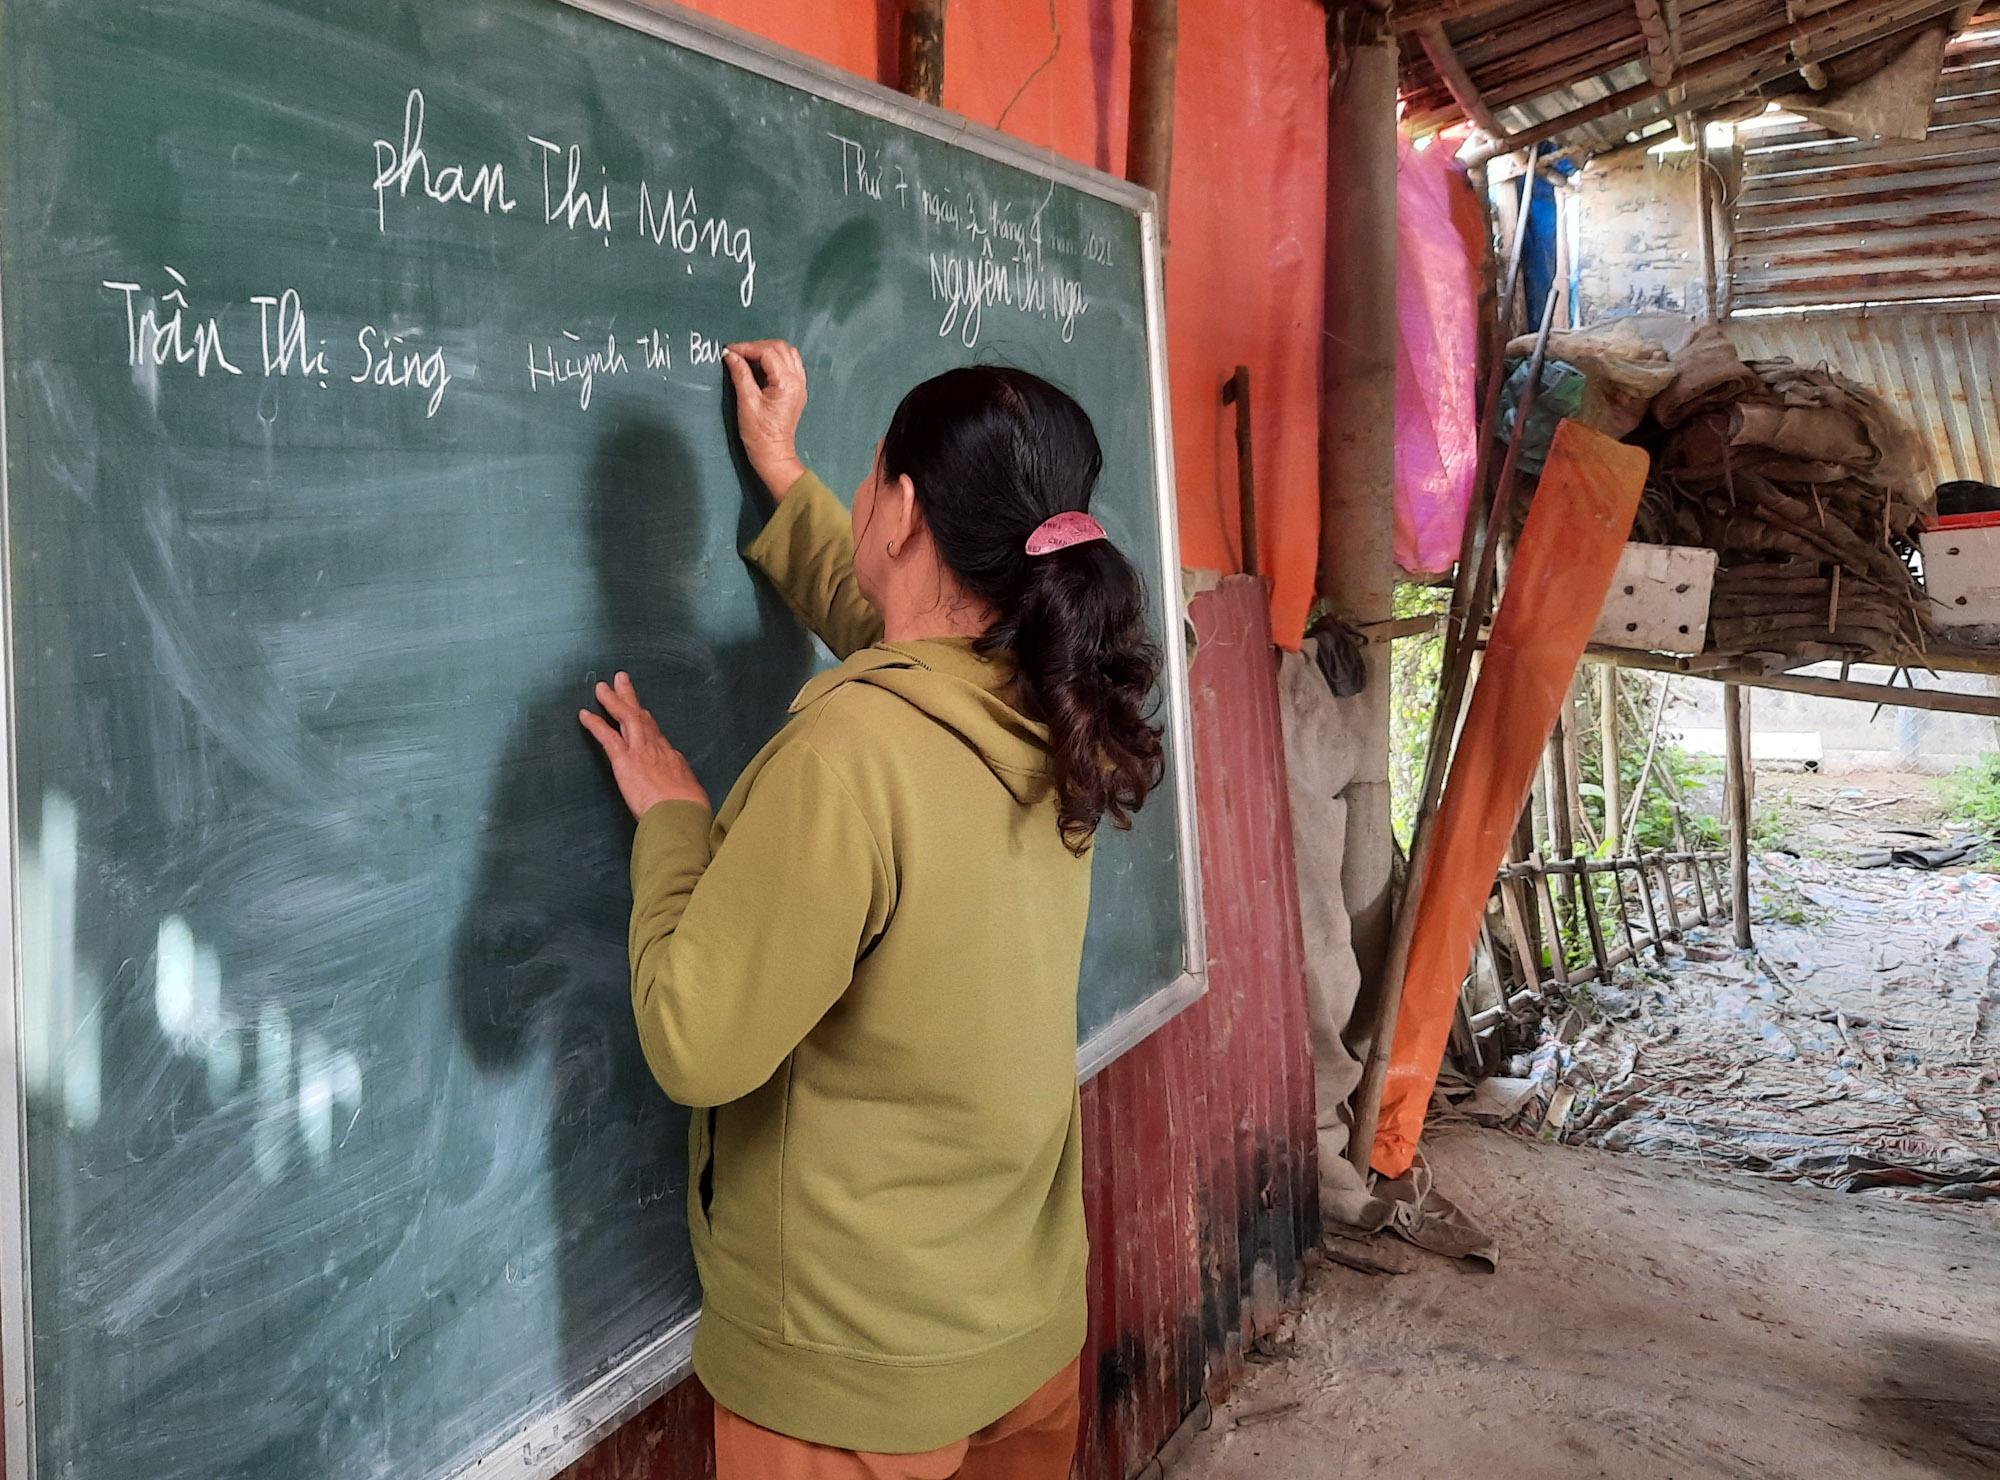 Học viên lớp xóa mù chữ lên bảng viết tên mình. Ảnh: Diệp Phan.